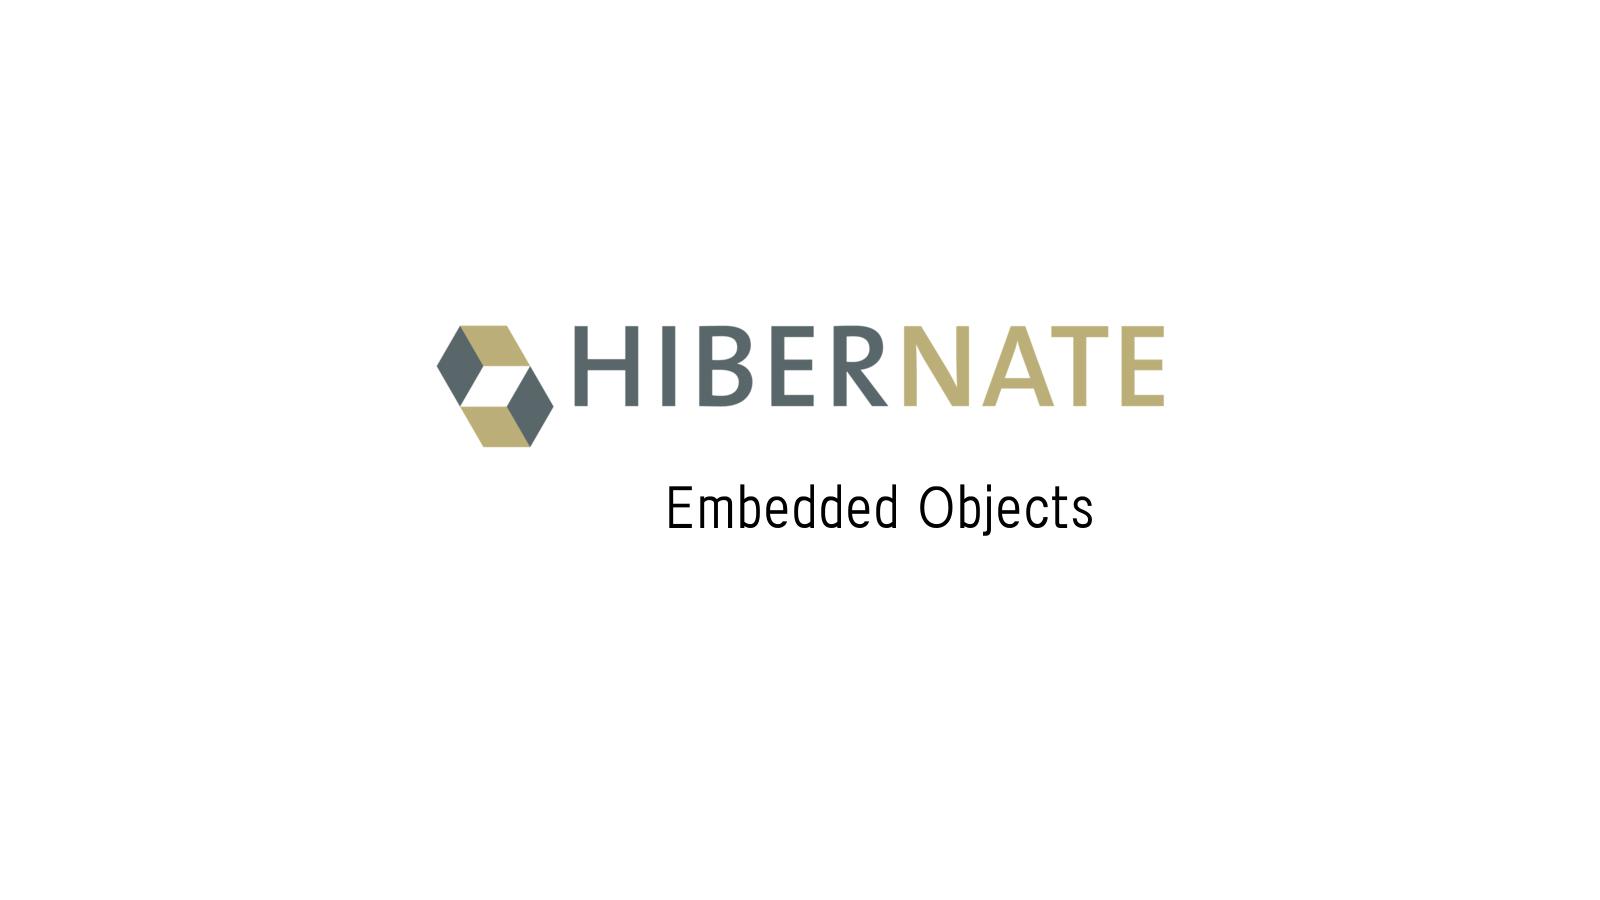 EmbeddedObjects